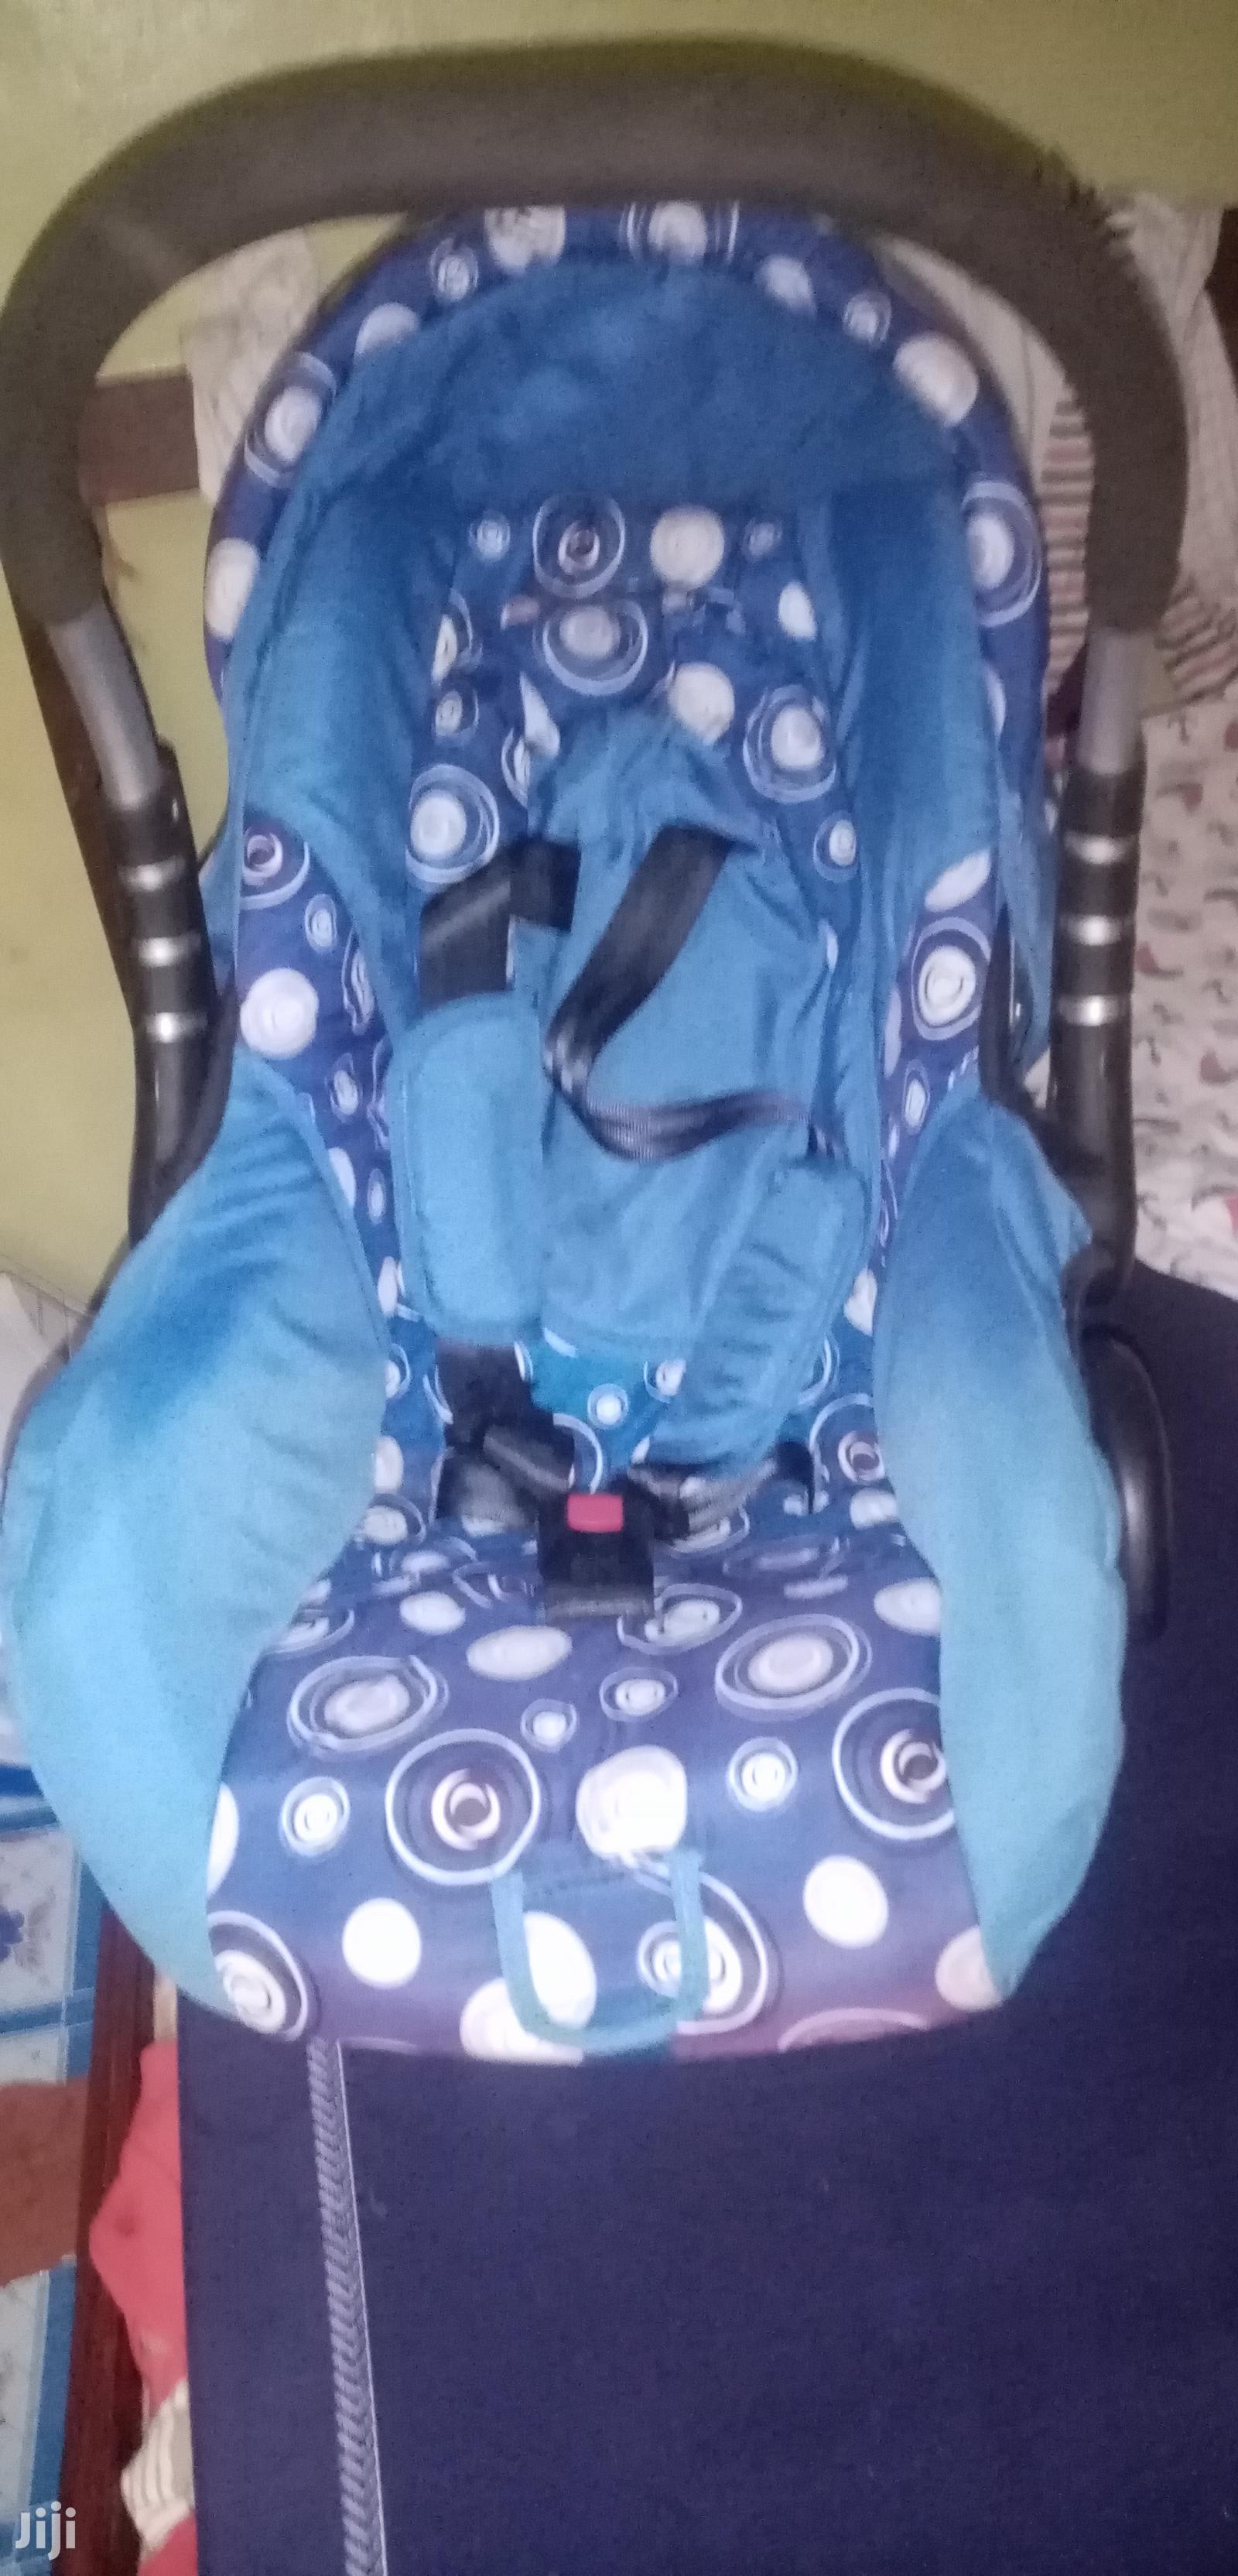 Baby Car Seat | Children's Gear & Safety for sale in Westlands, Nairobi, Kenya